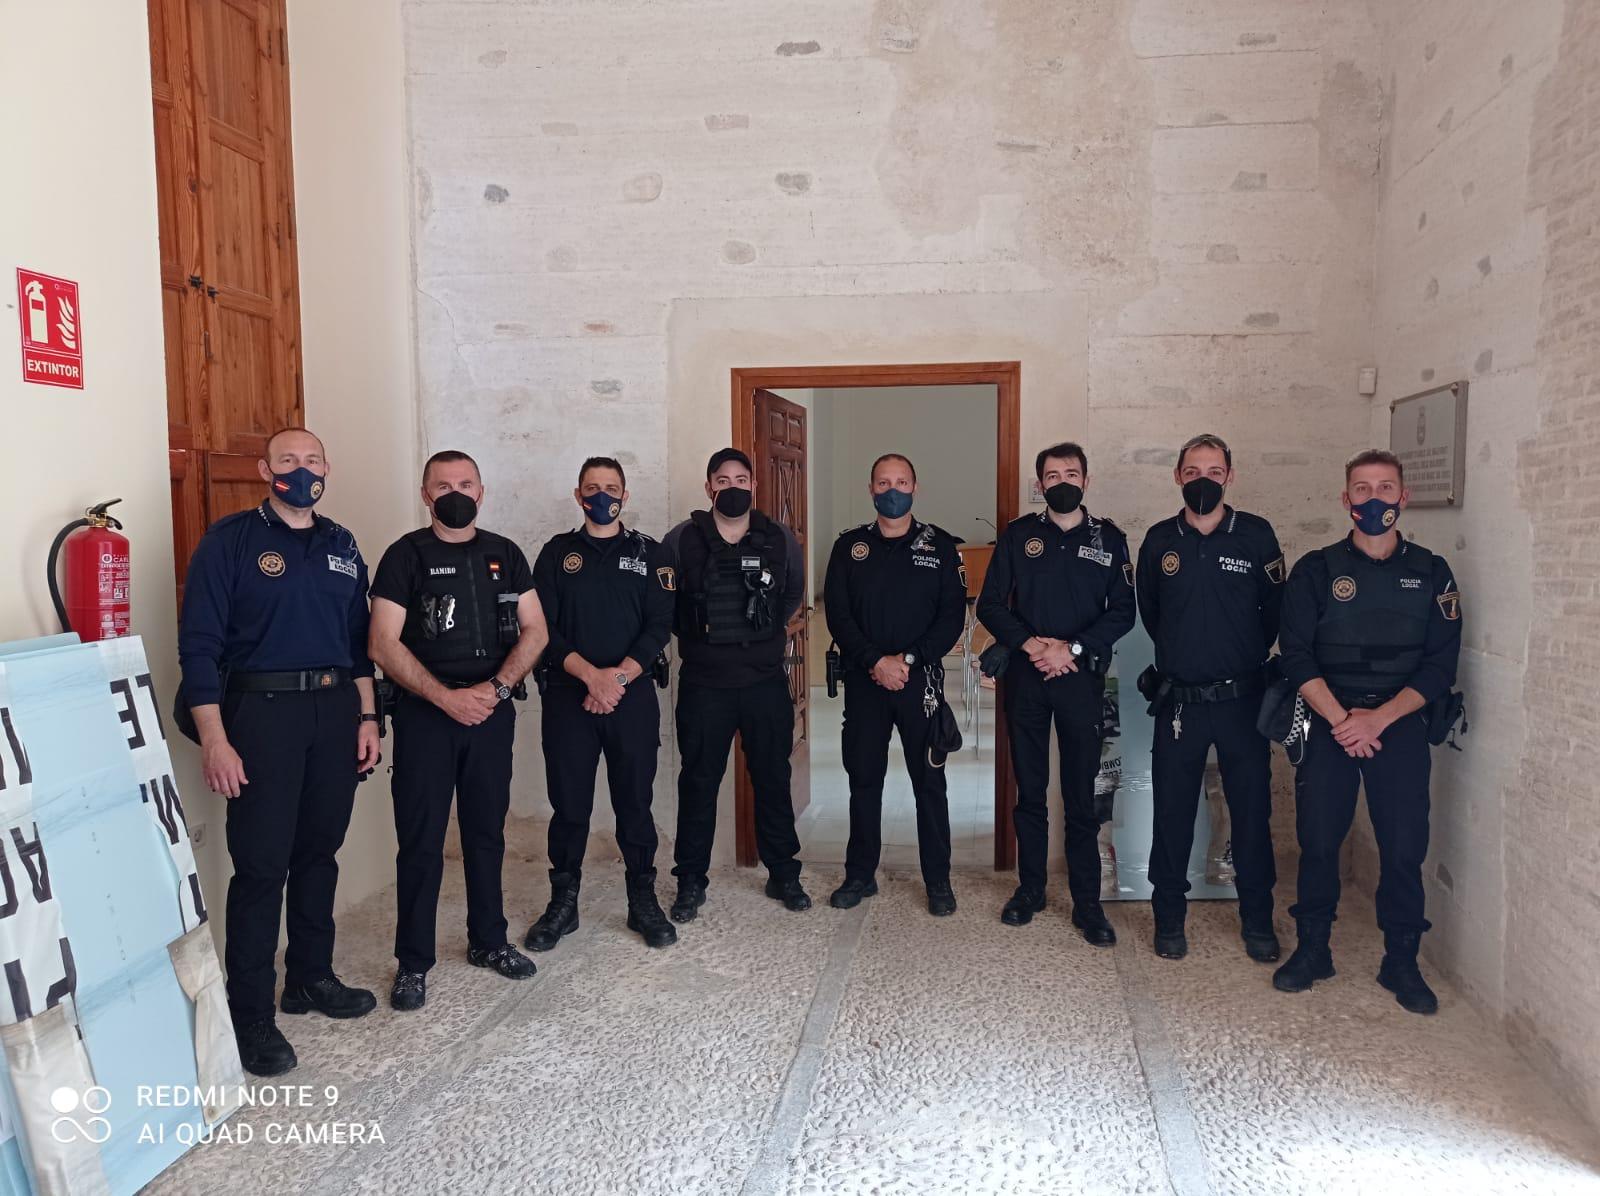 La Policia Local realitza un curs d'intervenció policial.